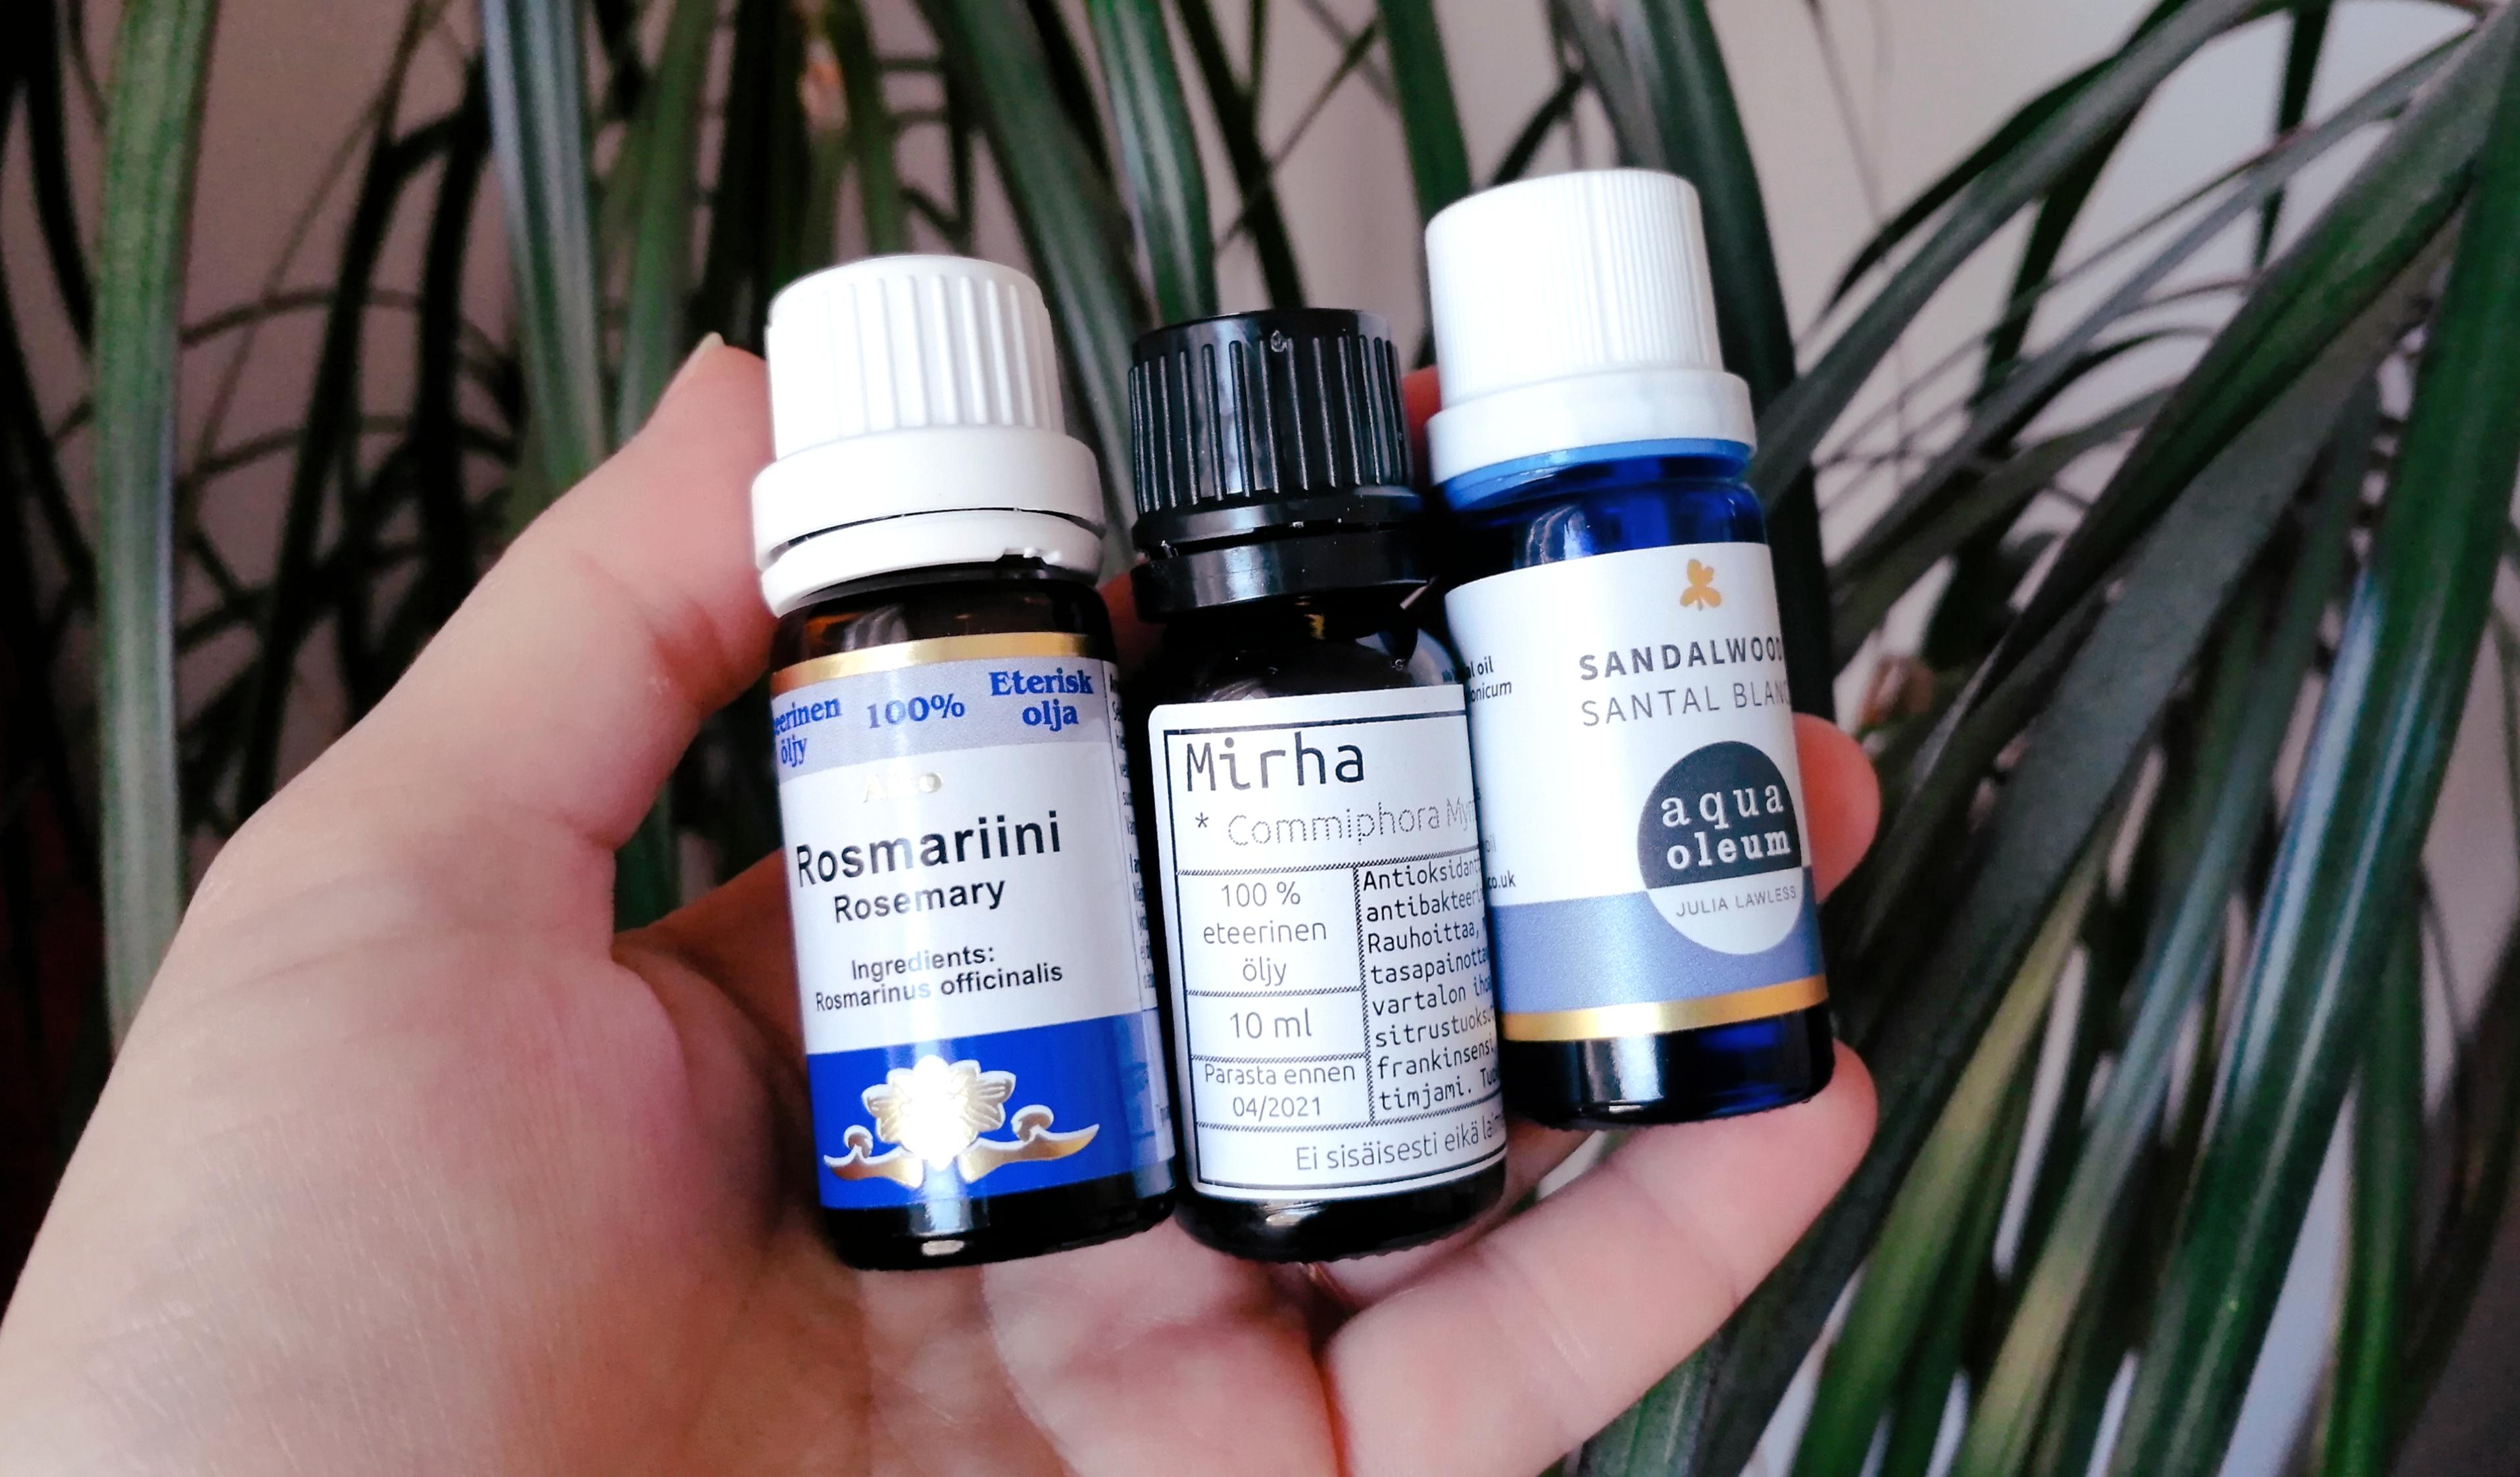 Eteeriset öljyt hajuvetenä – iloa ja hyötyä luonnon tuoksuista